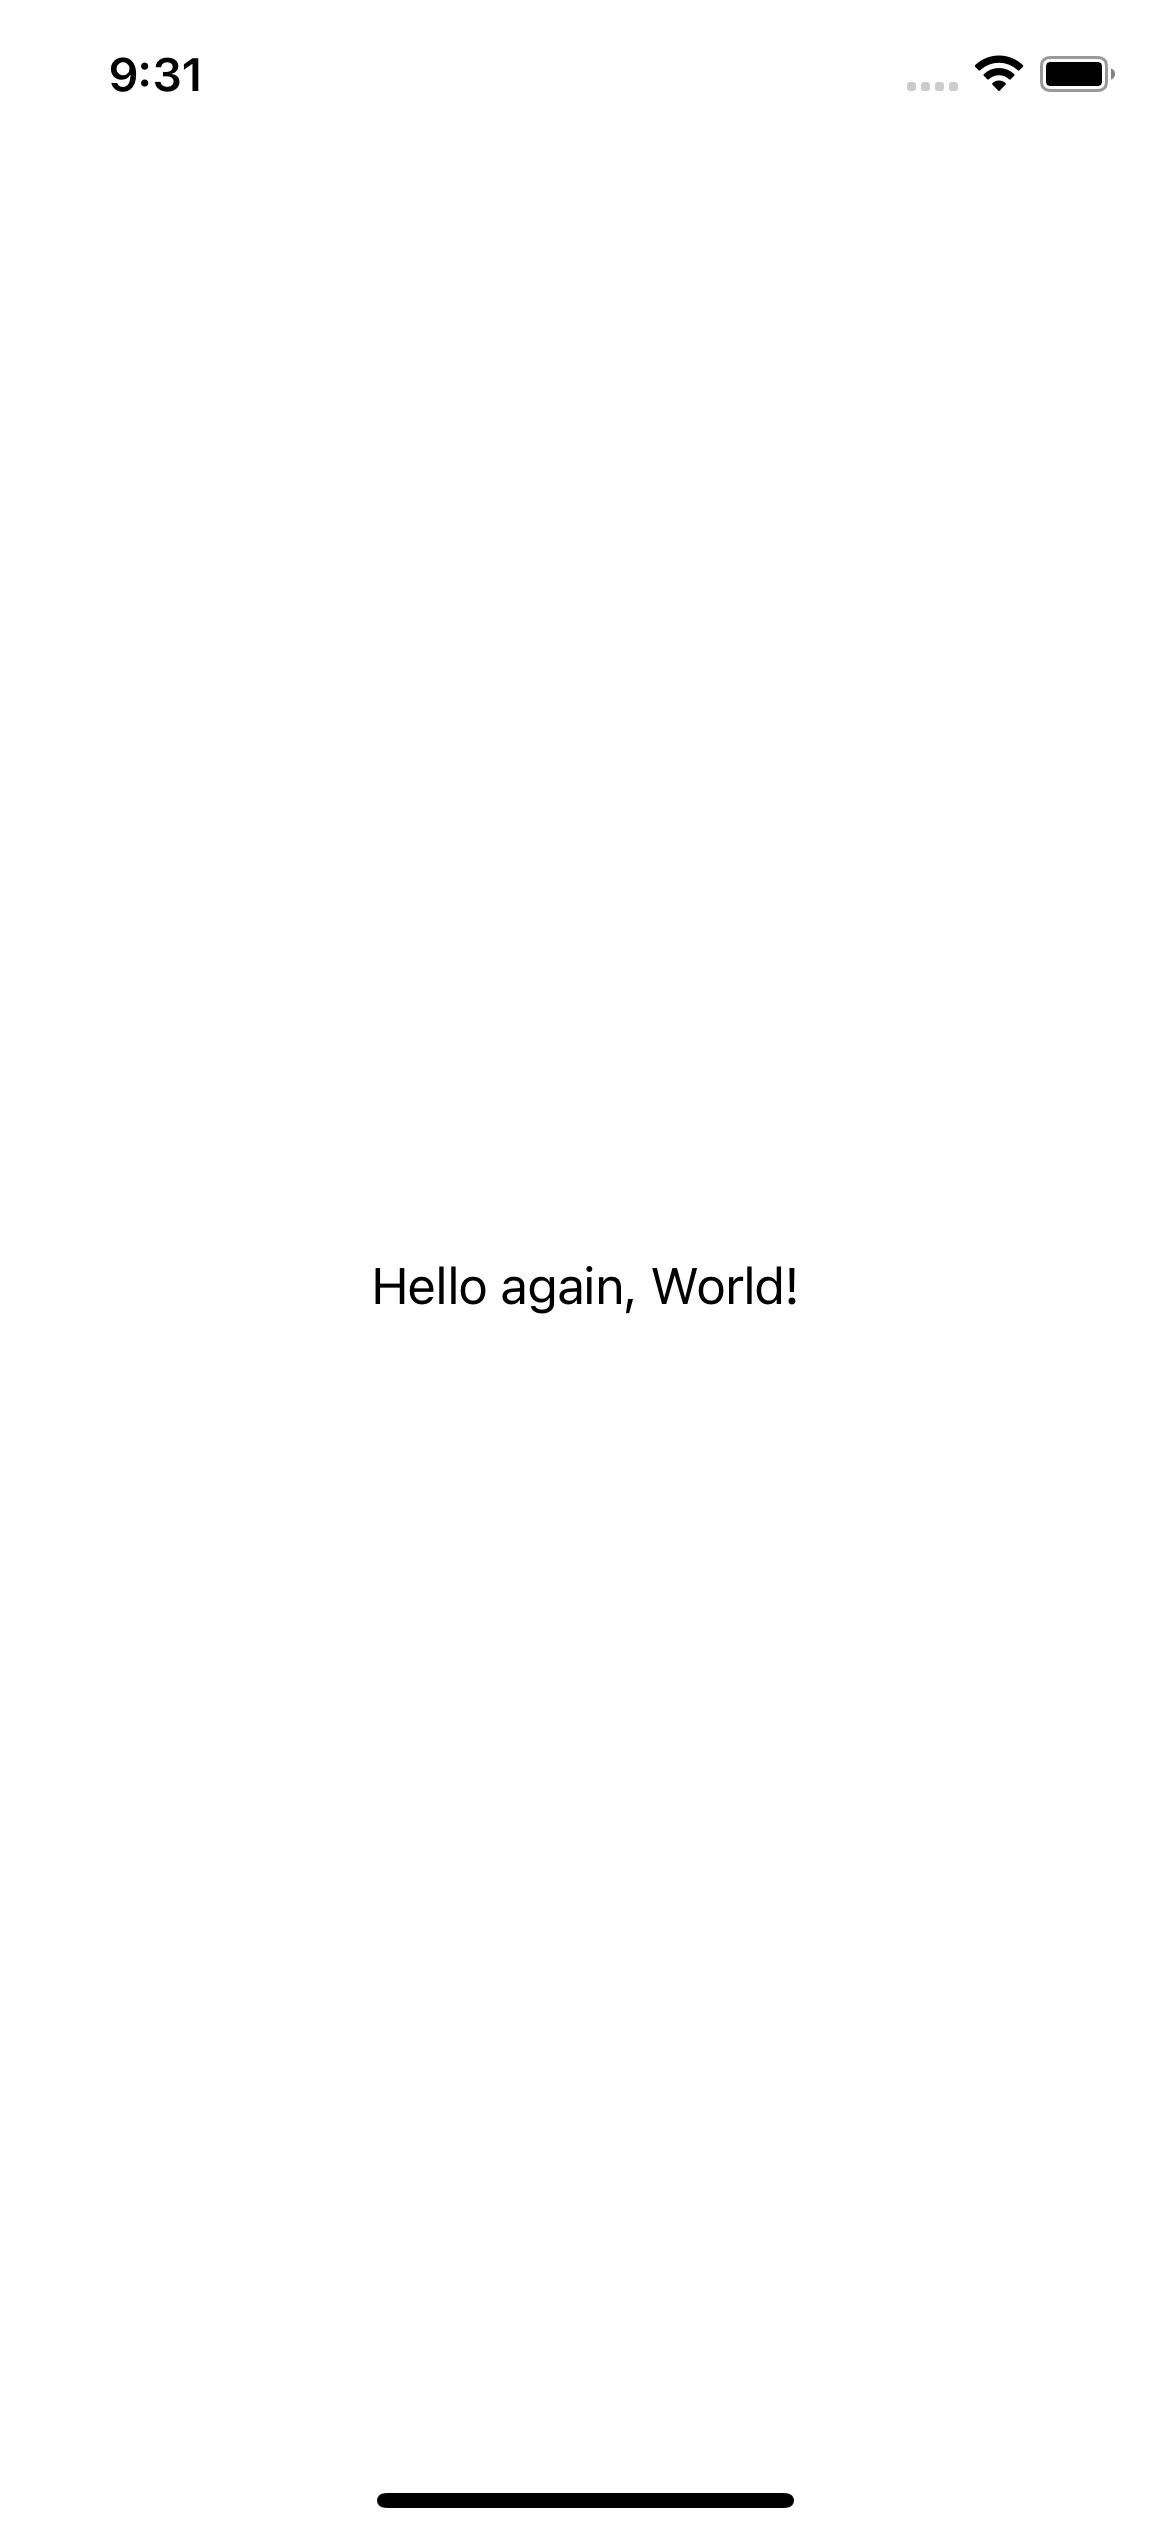 FirstApp running on an iPhone